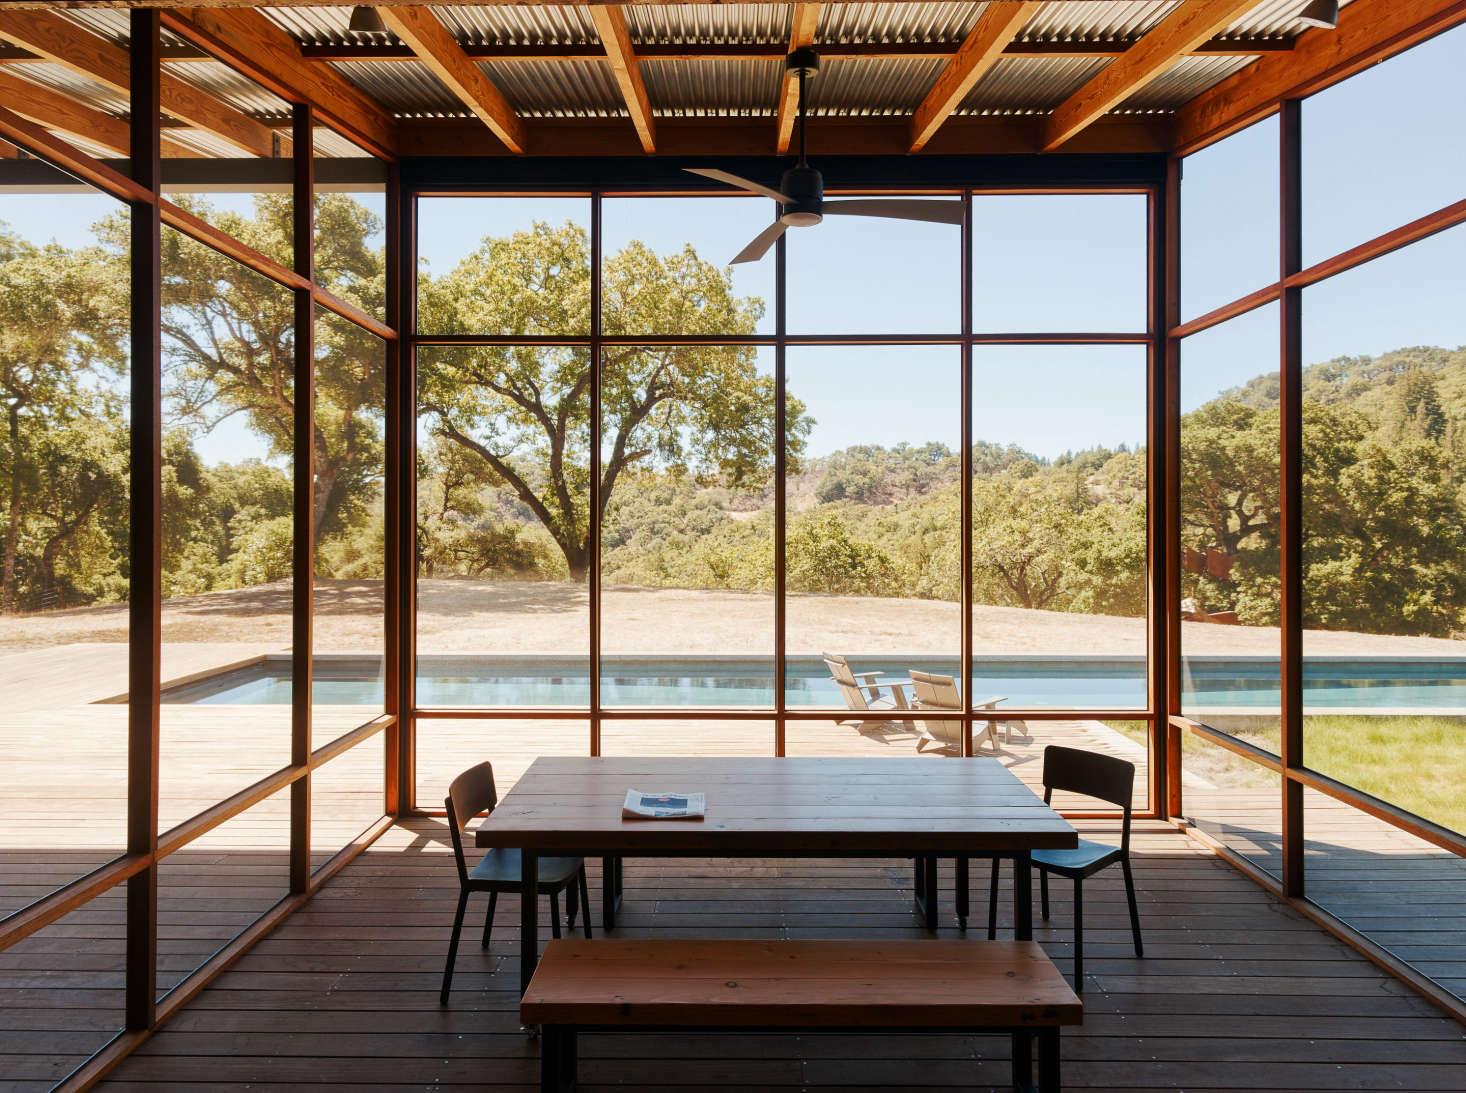 """一个像是马尔科姆·戴维斯的车在路边的屋顶上。所有的纽扣和天花板都是在设计,但,用木头的模型,是在设计木板的。根据马歇尔·马歇尔的设计,因为他们是个来自公园的酒吧,一个来自泳池的消防员,""""温暖的家庭""""。"""